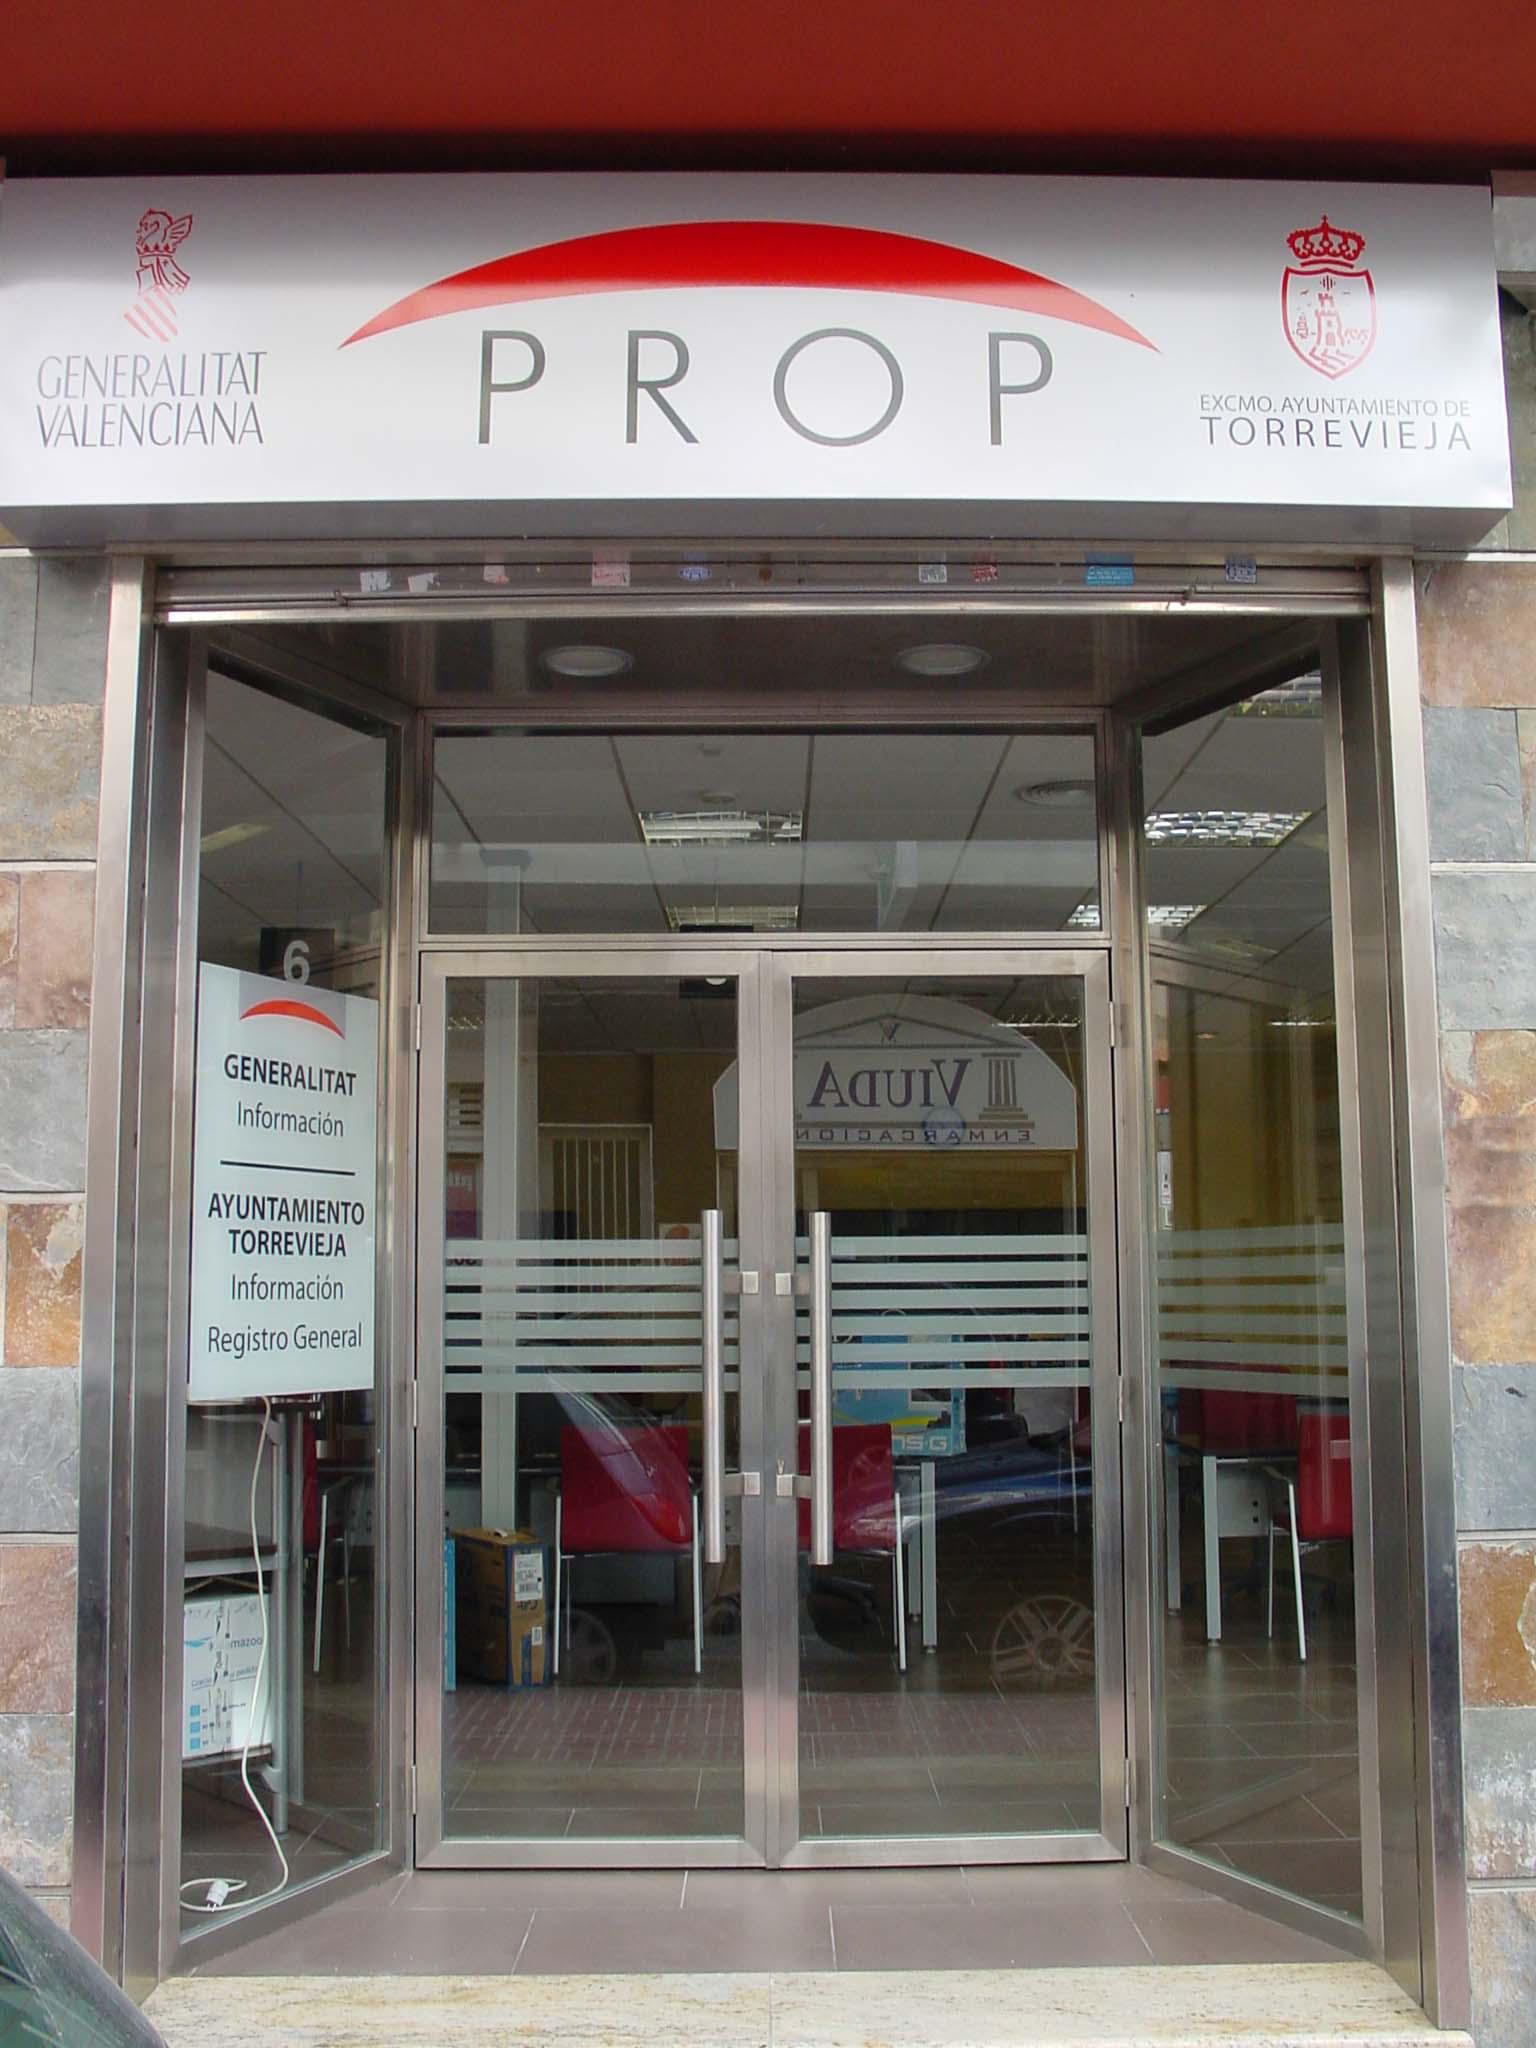 Что такое PROP?